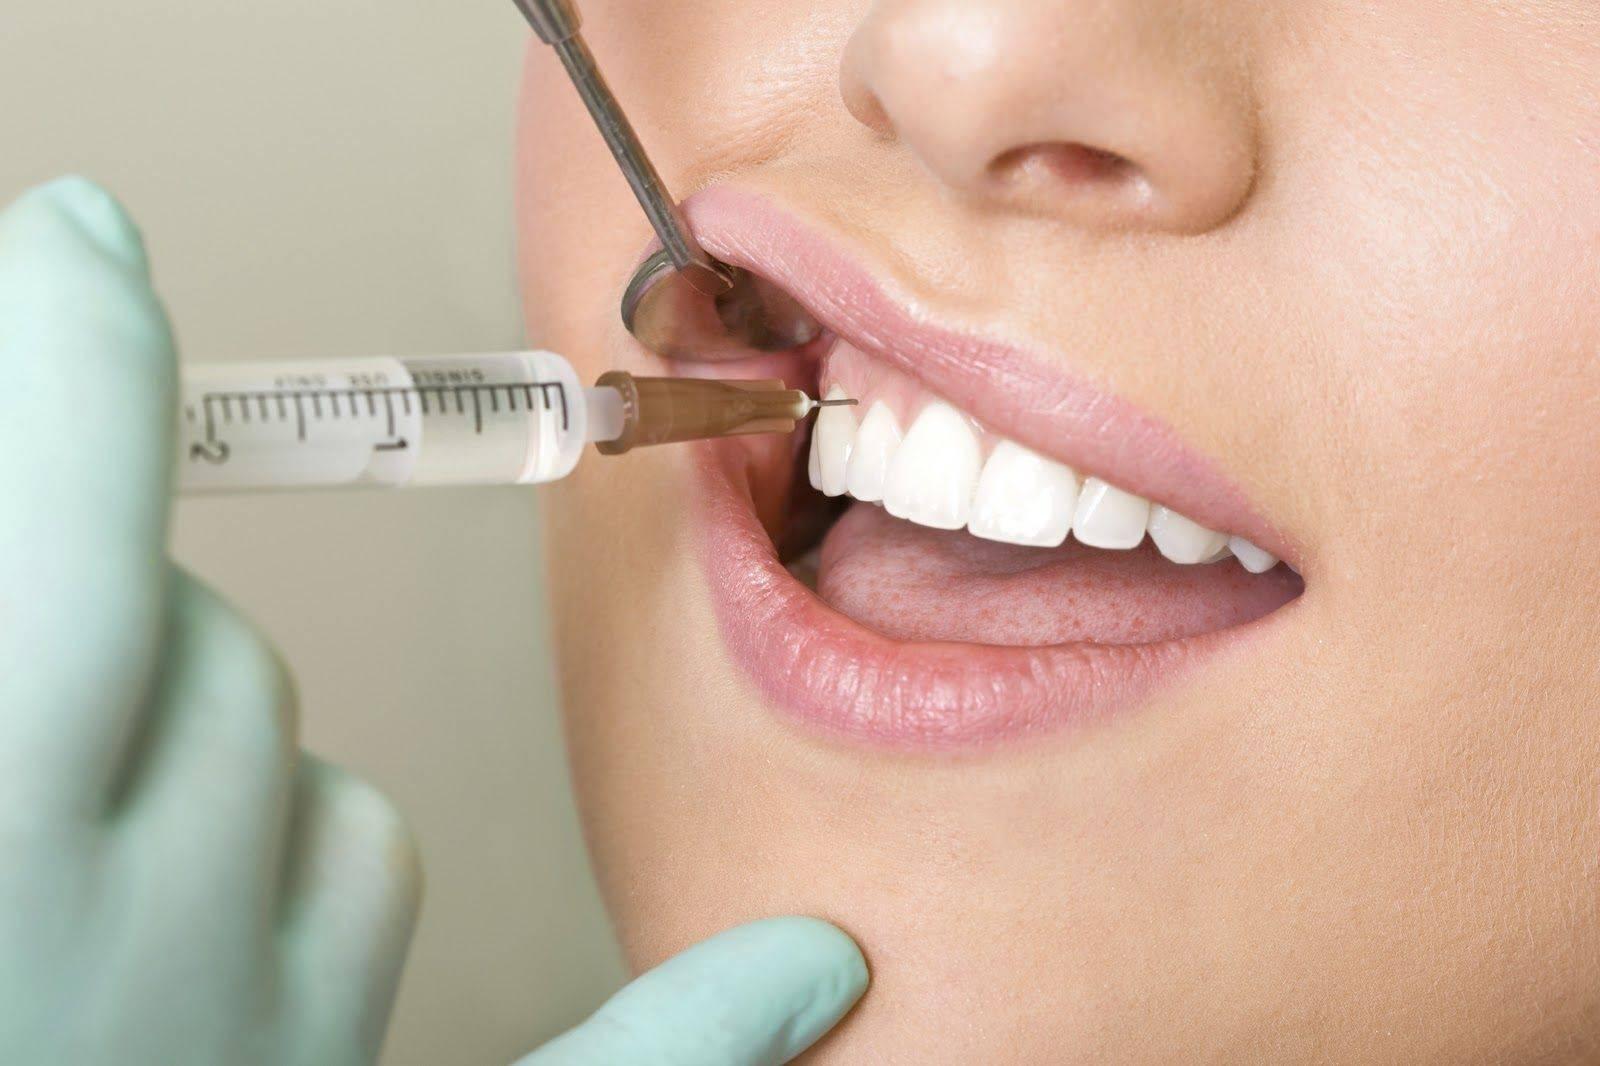 Можно ли пить алкоголь после зубной анестезии?